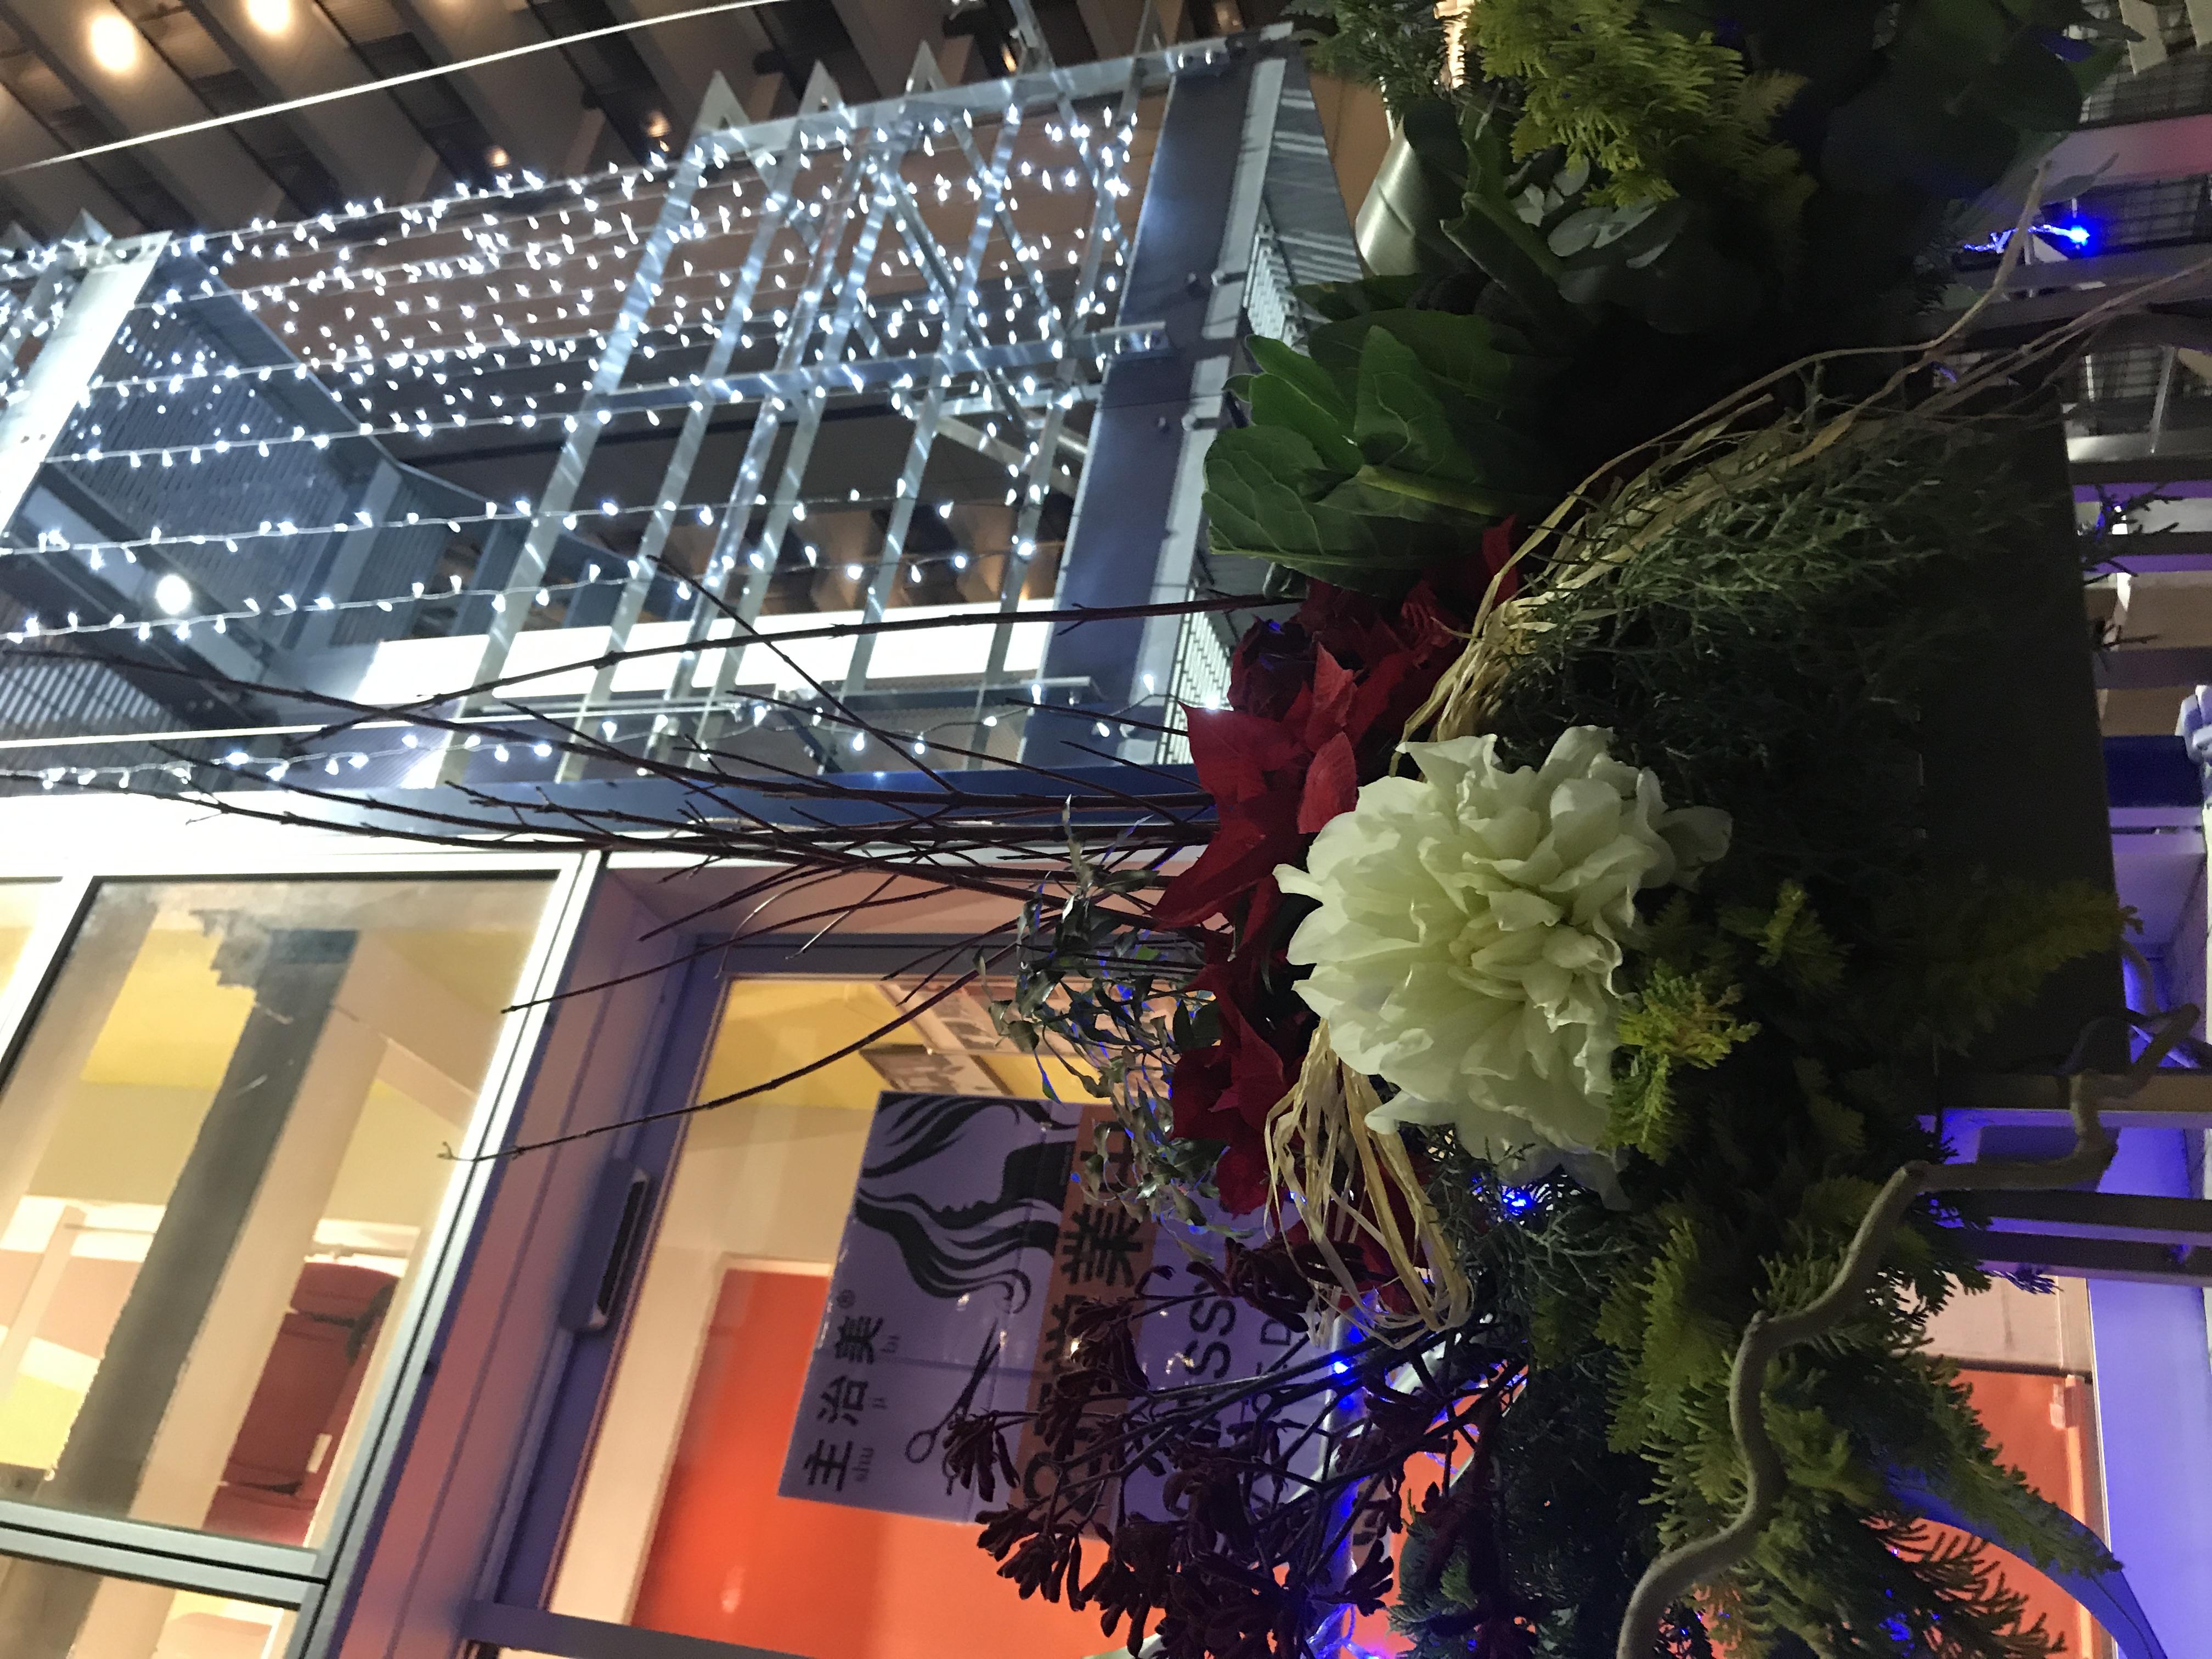 関口所沢テラス 所沢 久米川 浦和 美容室 理容室 ヘアメイク 着付け ブライダル シェービング 成人式 イルミネーション クリスマス お正月 フラワーアート